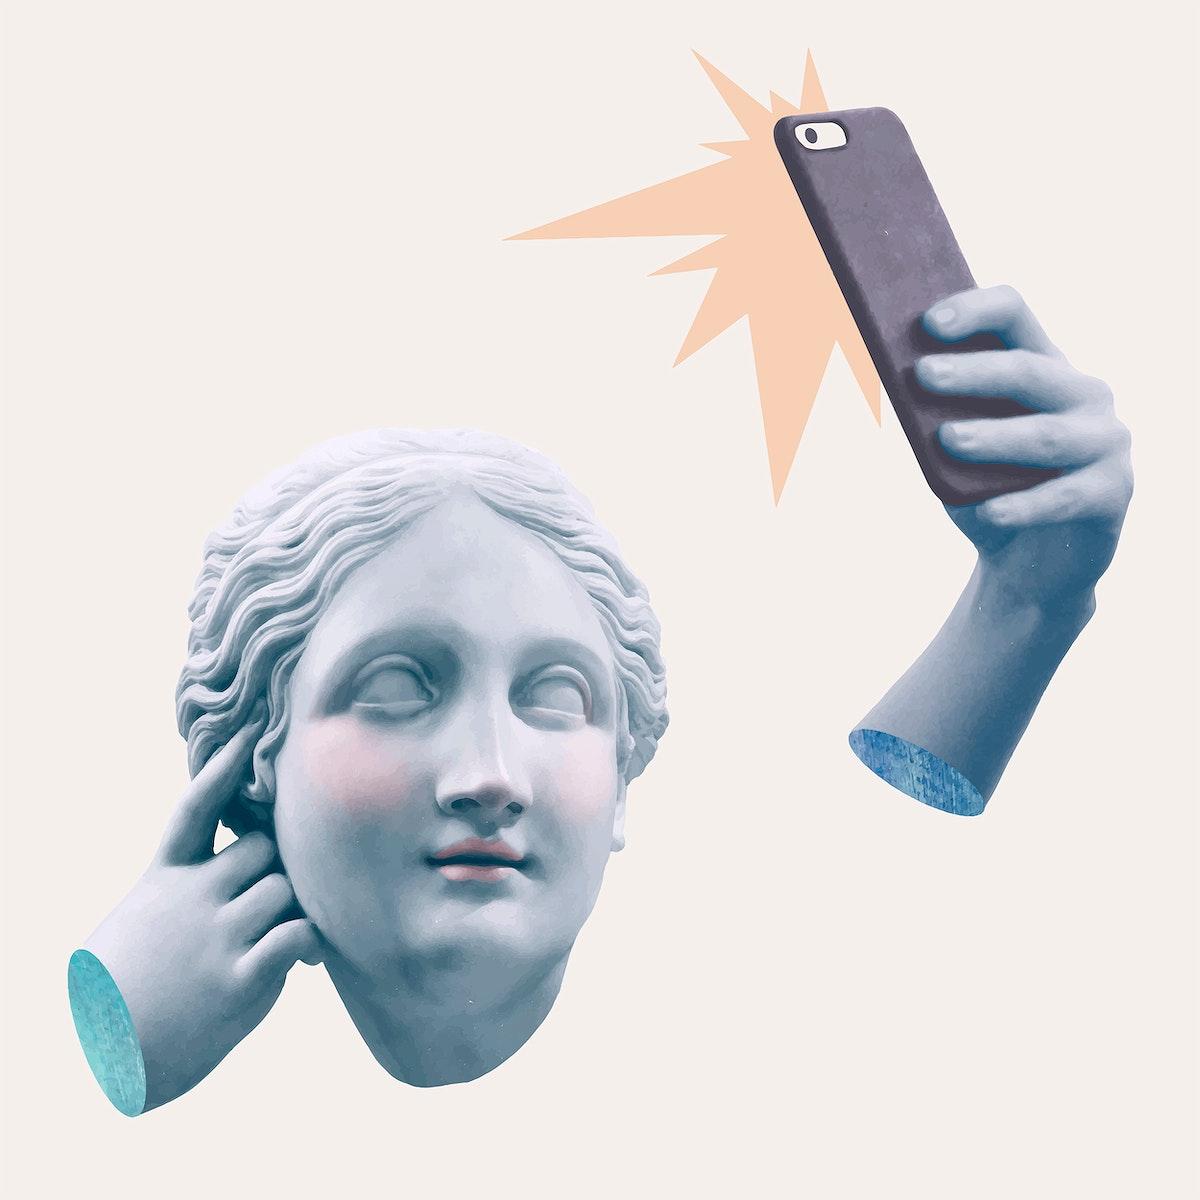 Greek selfie goddess statue vector social media addiction mixed media